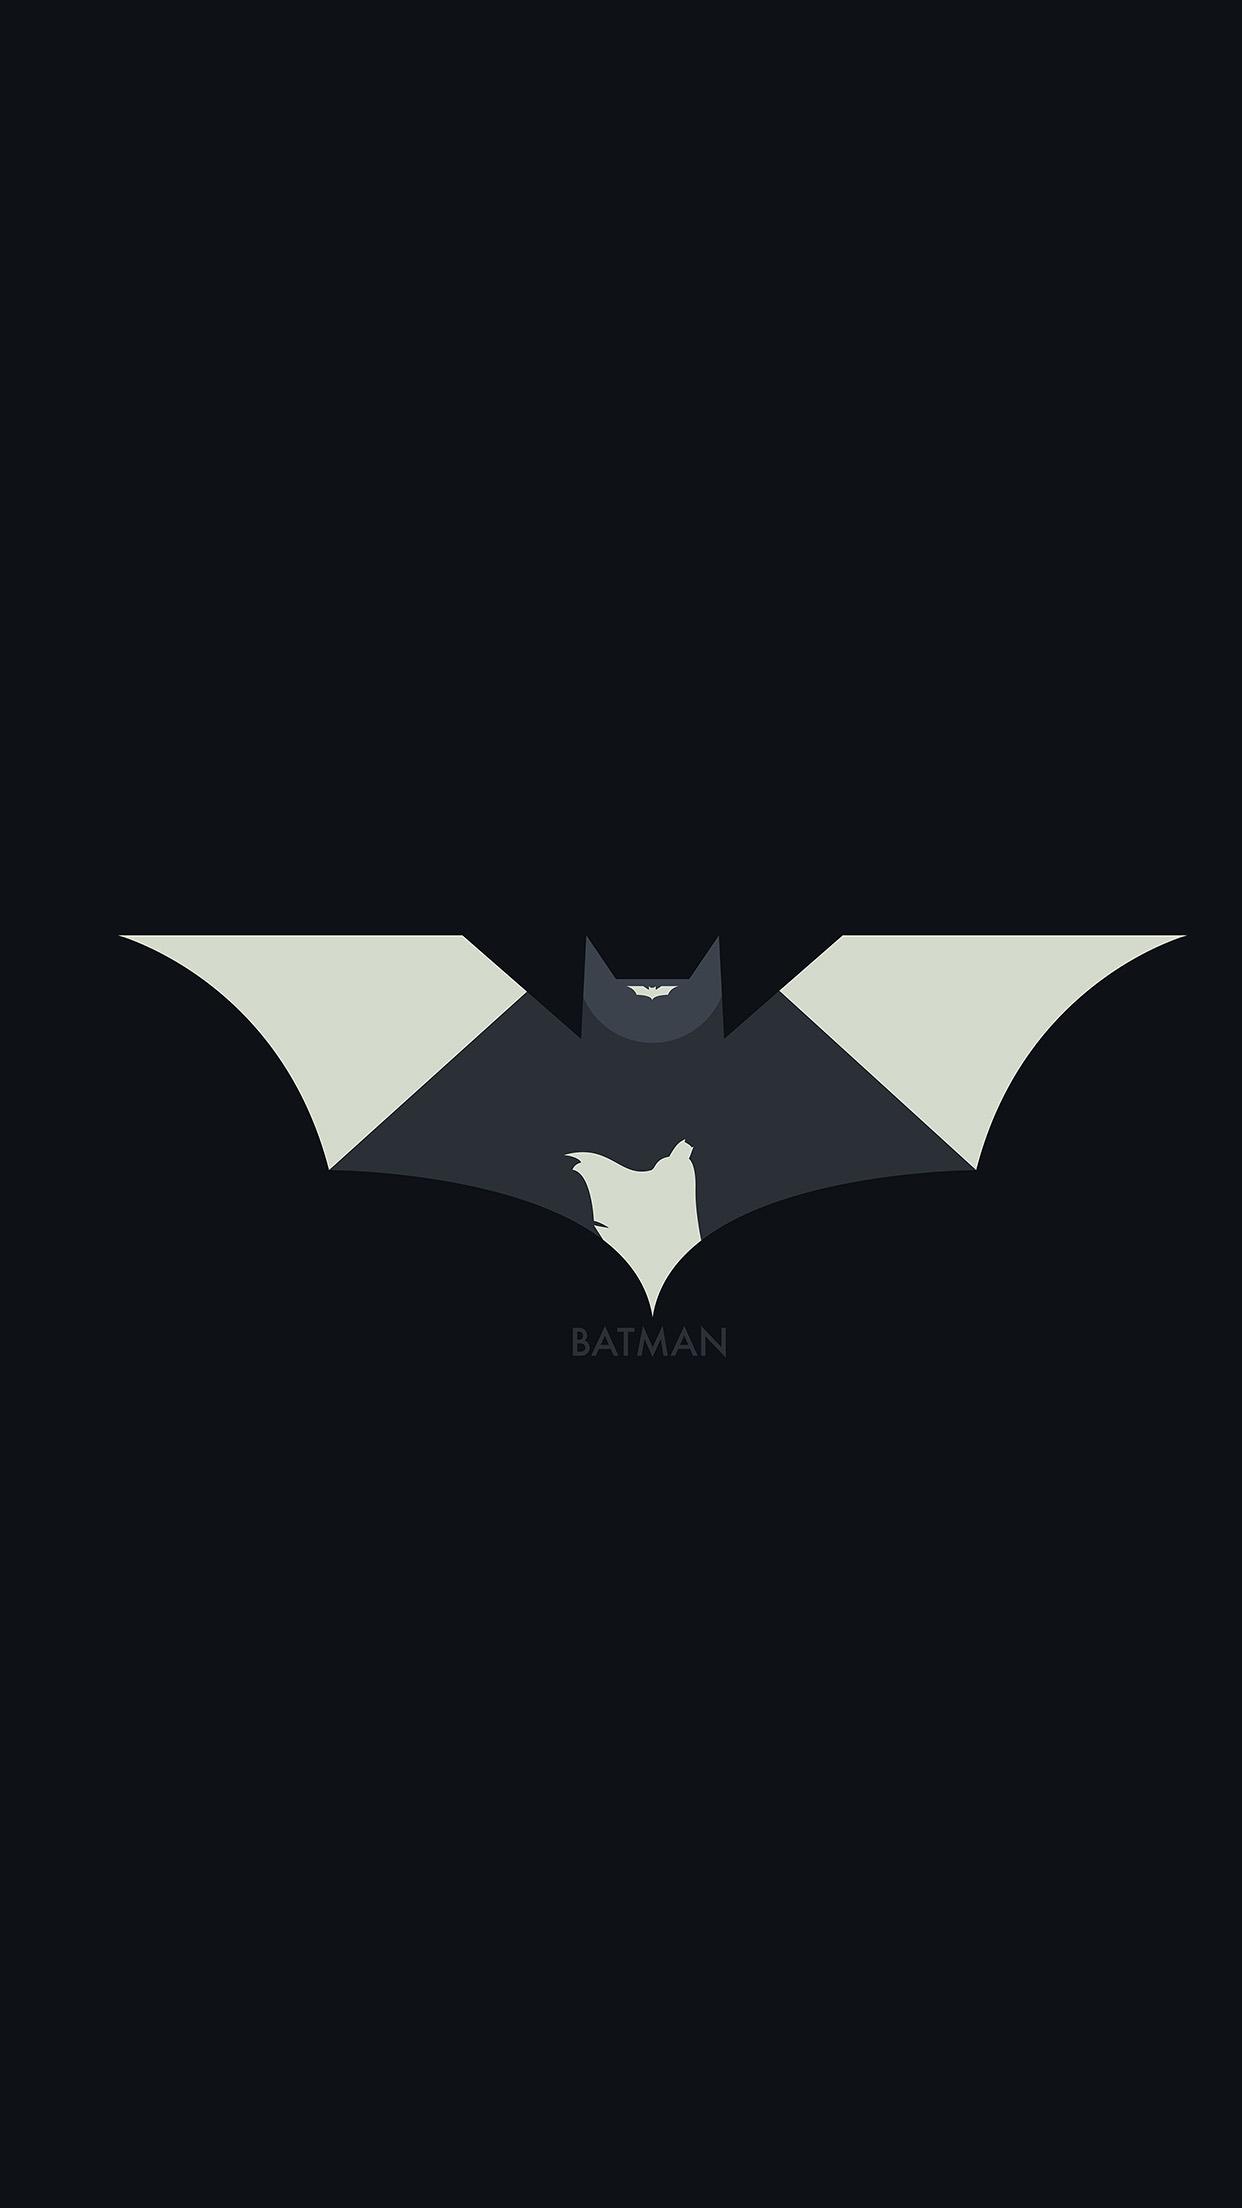 Lg Animated Wallpaper Ao28 Hugoli Art Batman Minimal Logo Illust Dark Wallpaper